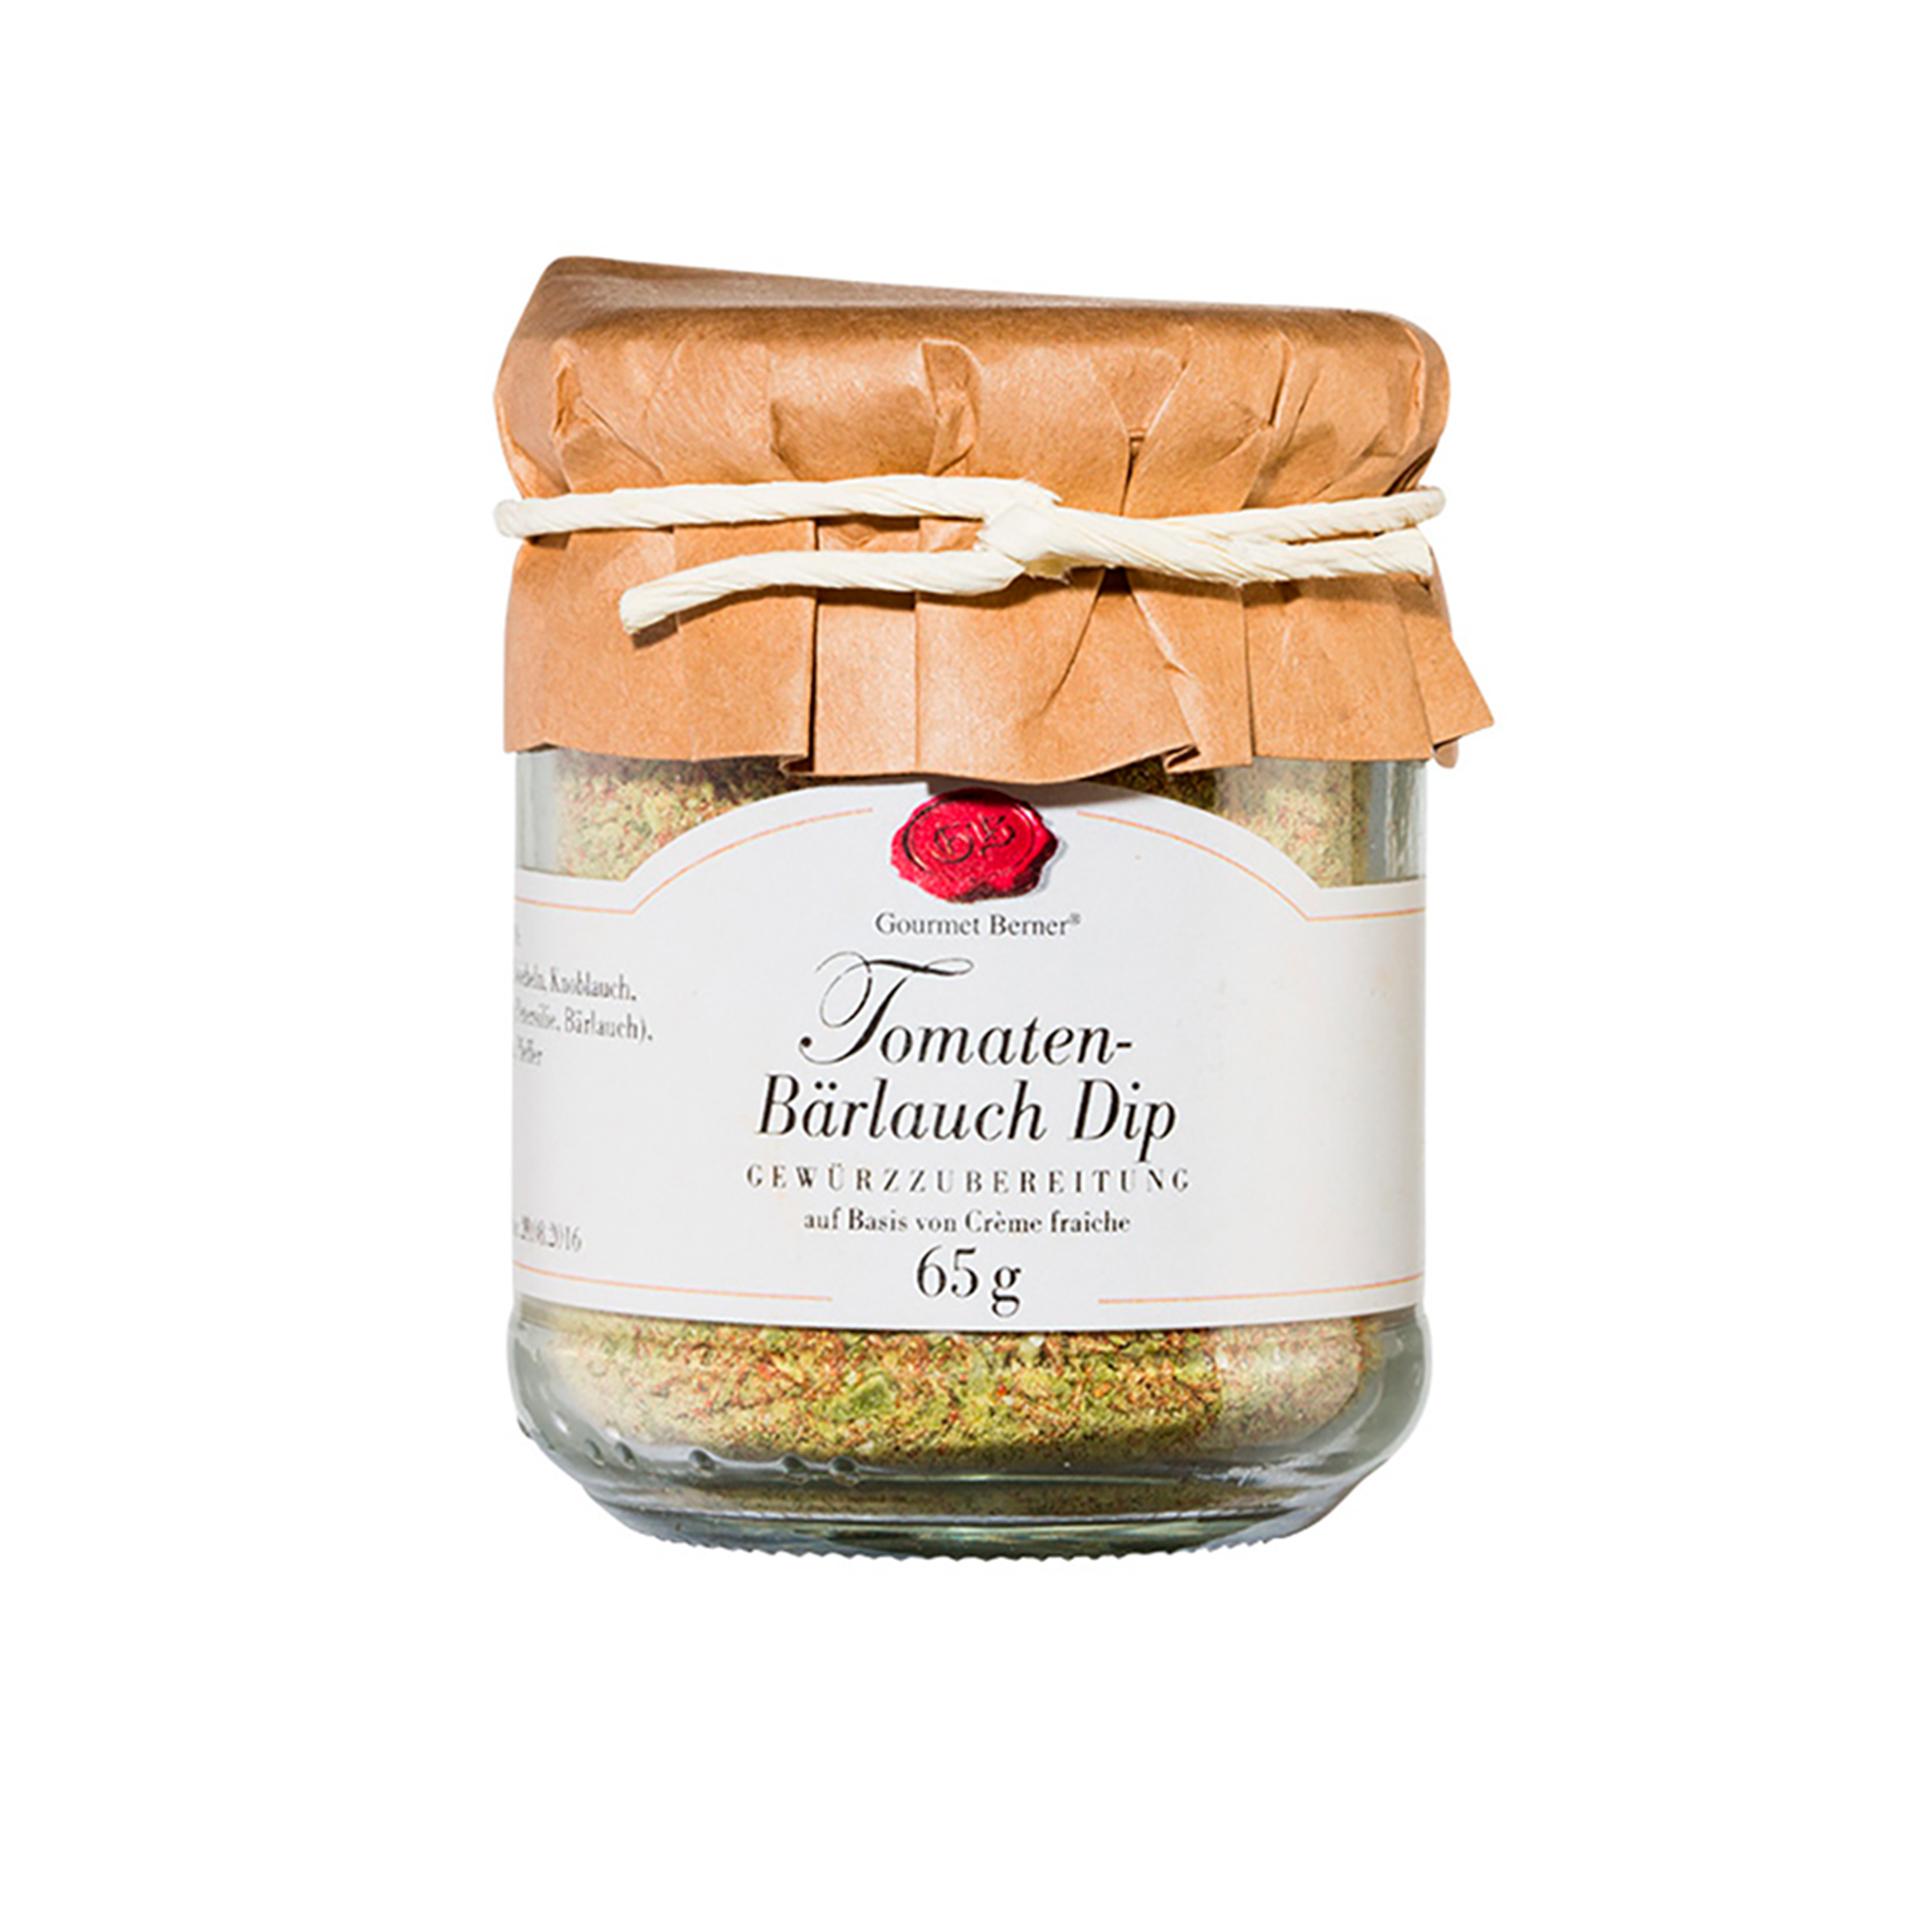 Gourmet Berner - Tomaten-Bärlauch Dip, 65g Glas